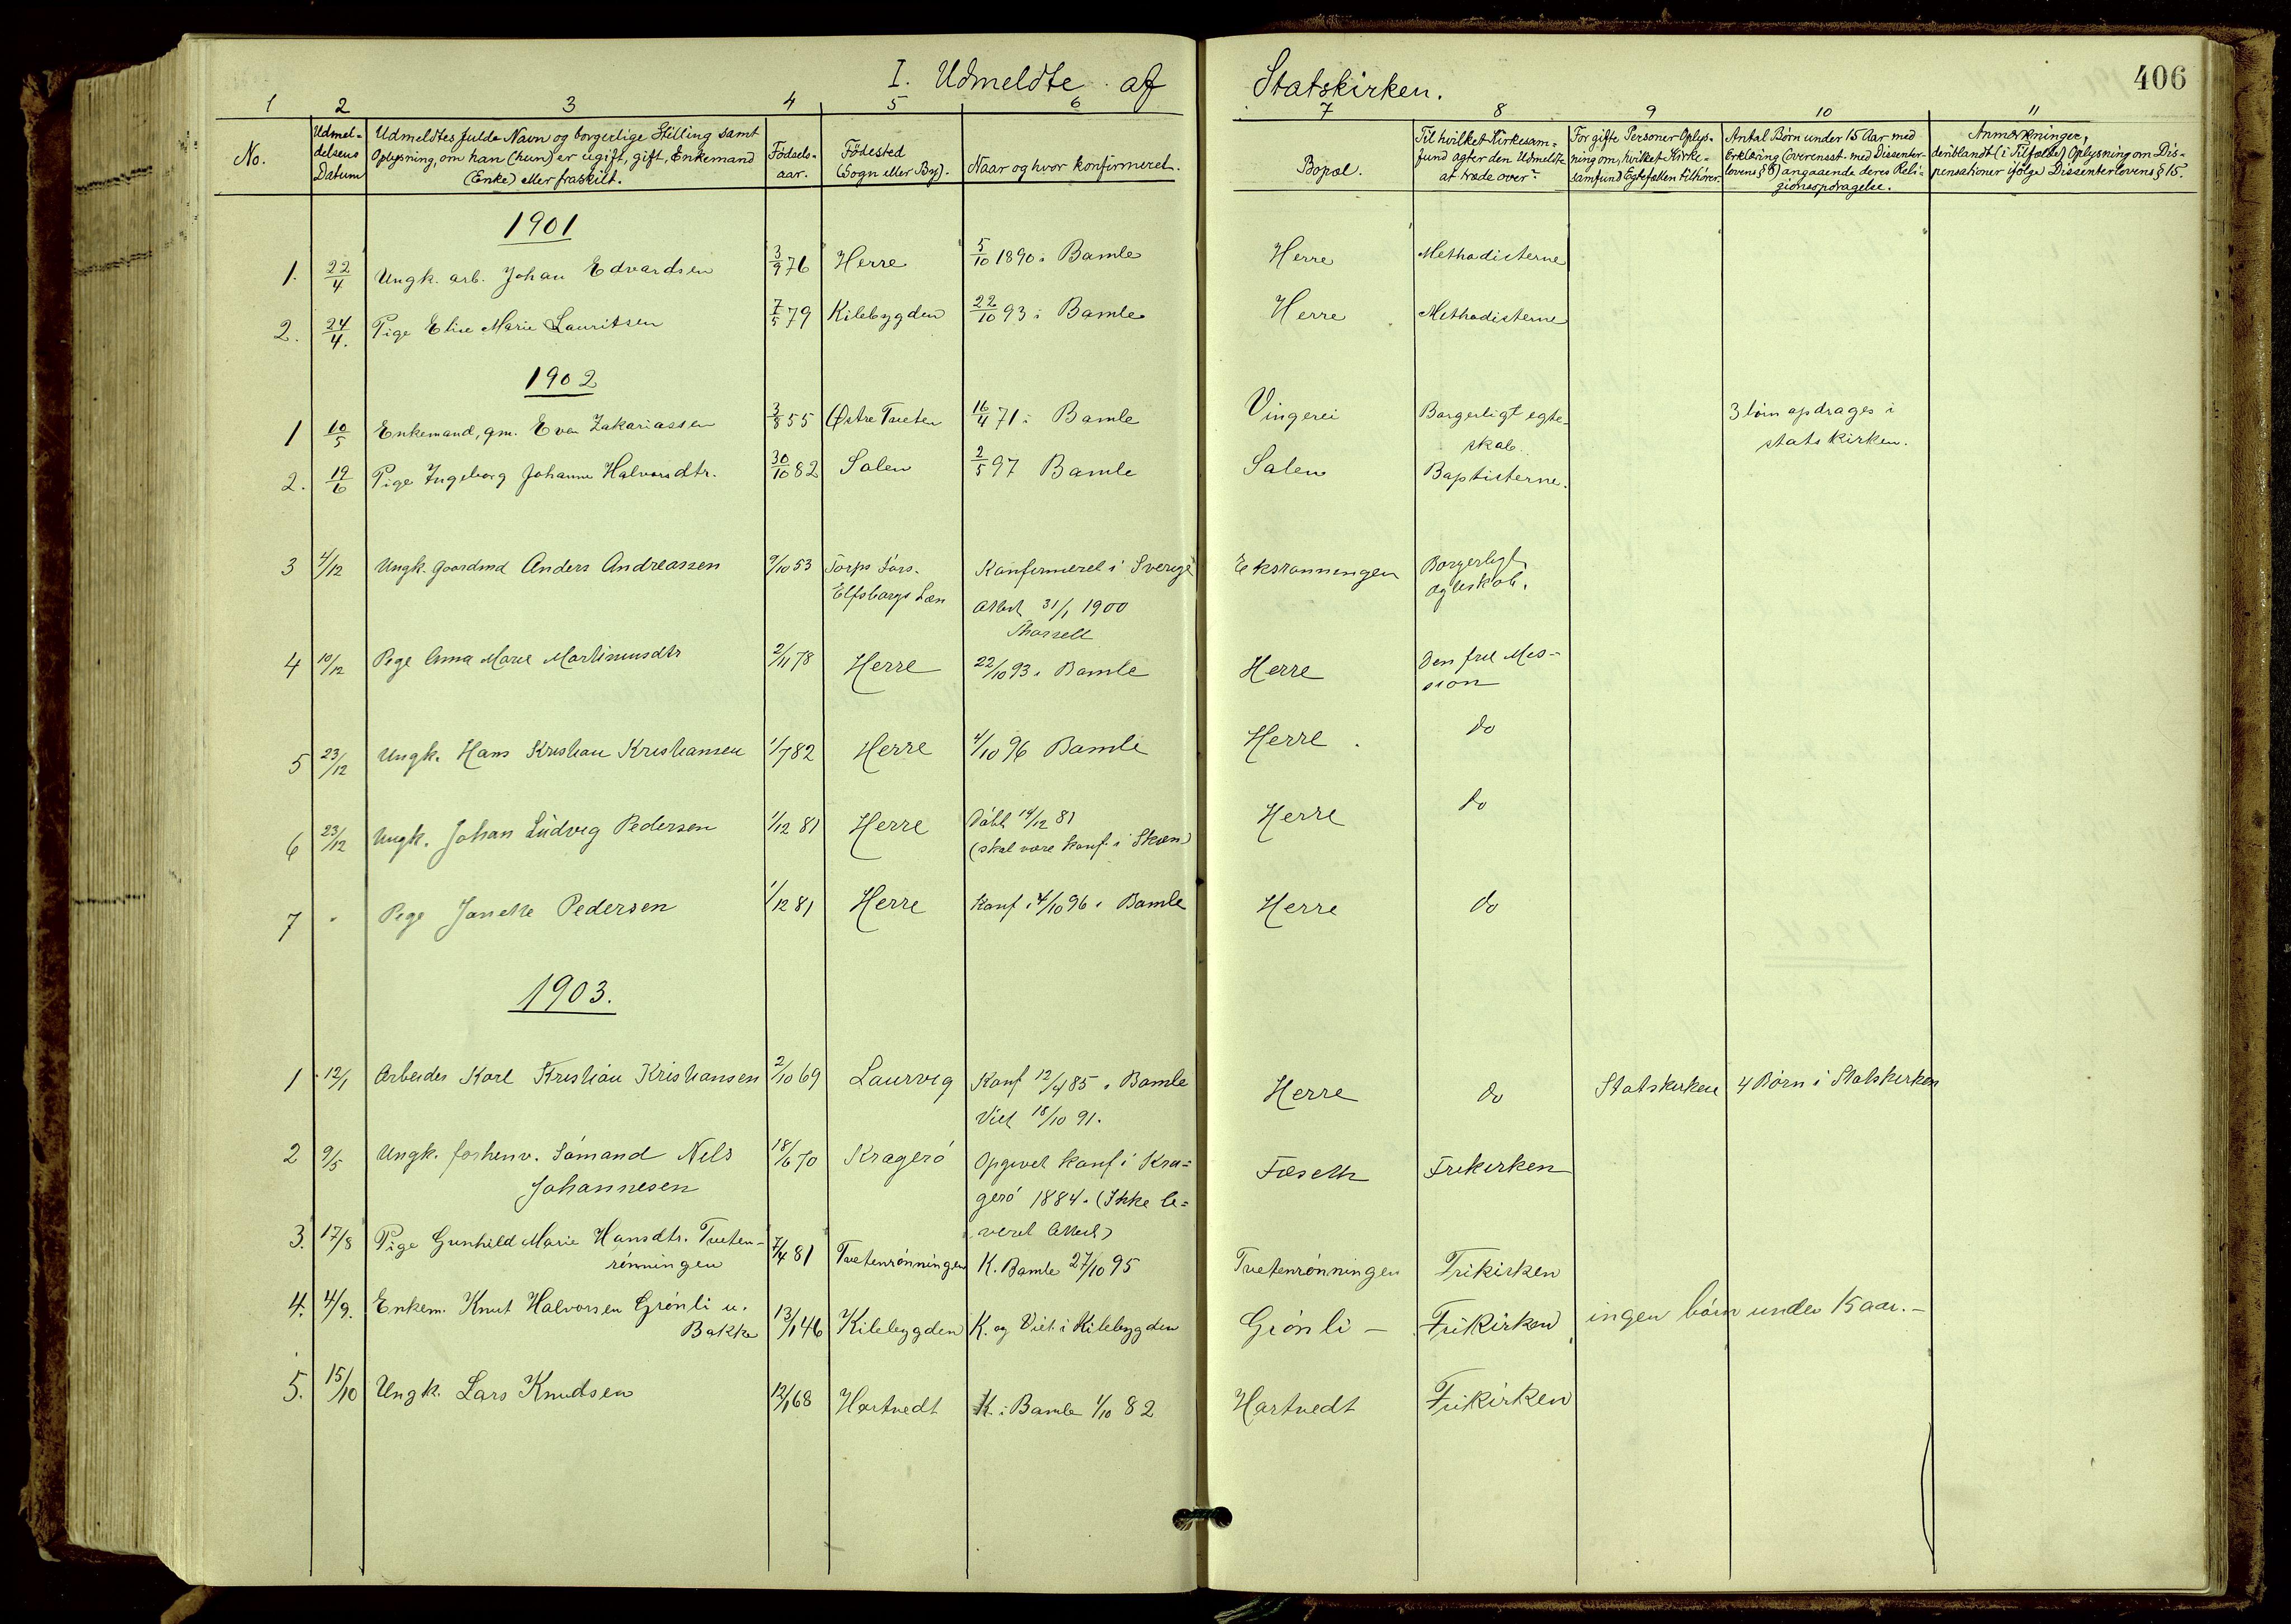 SAKO, Bamble kirkebøker, G/Ga/L0010: Klokkerbok nr. I 10, 1901-1919, s. 406